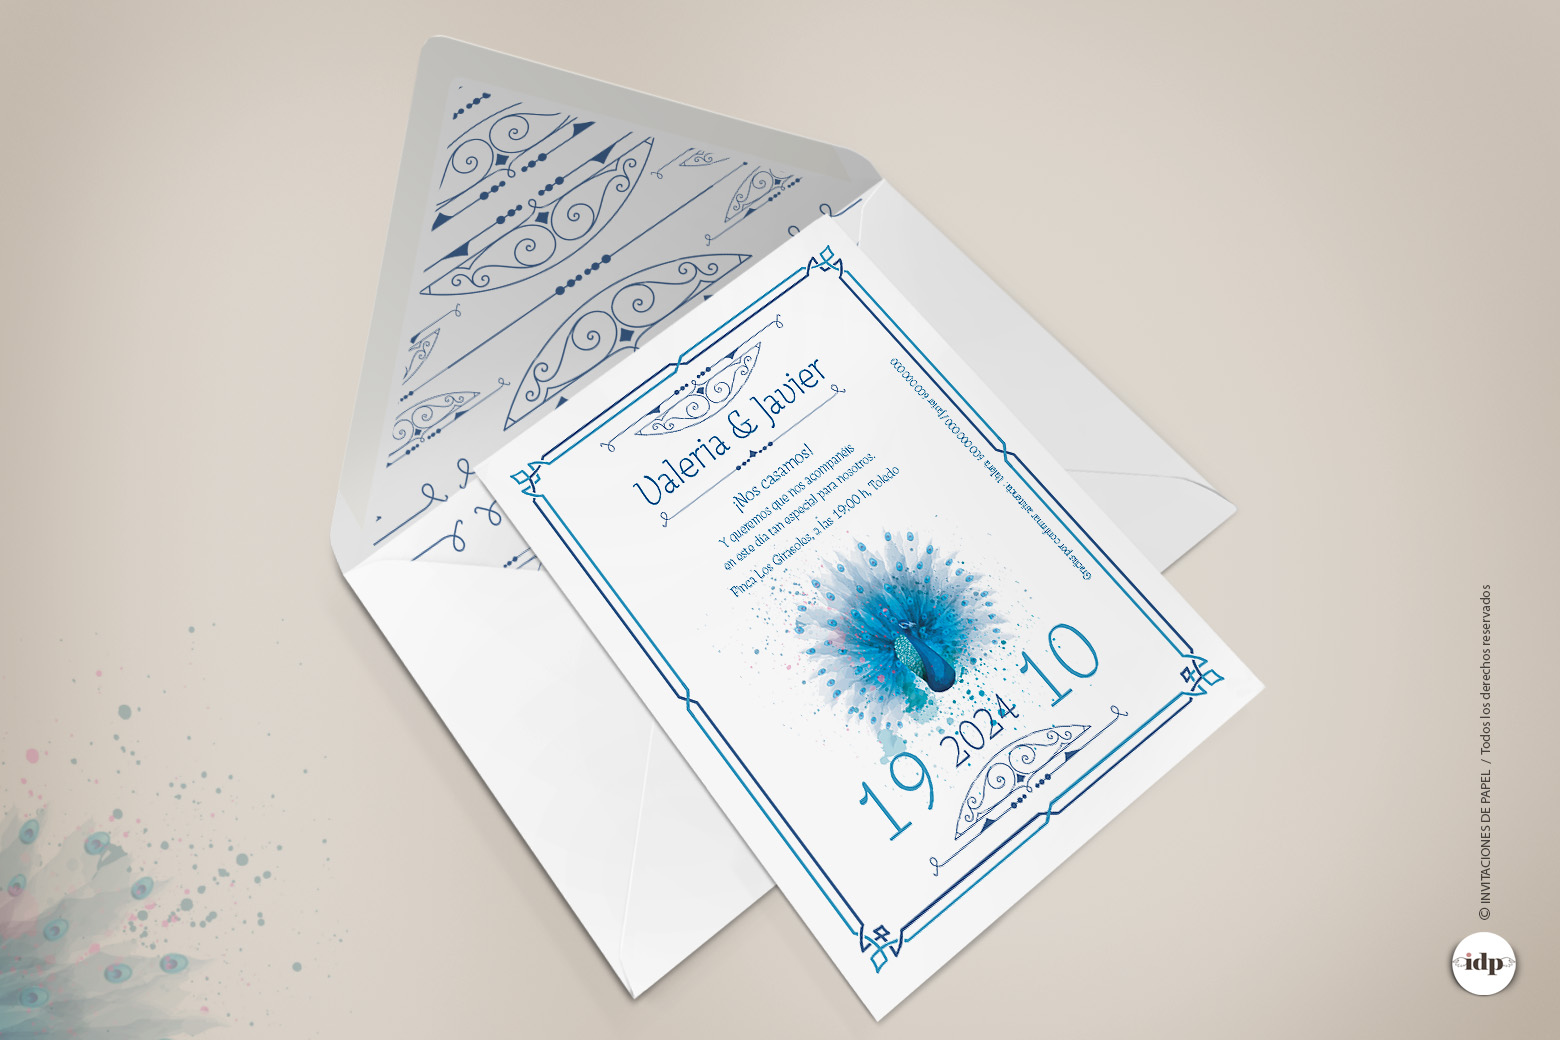 Invitaciones de Boda Azul con Sobre Decorado tipo Vintage con pavo real en Acuarela - azul